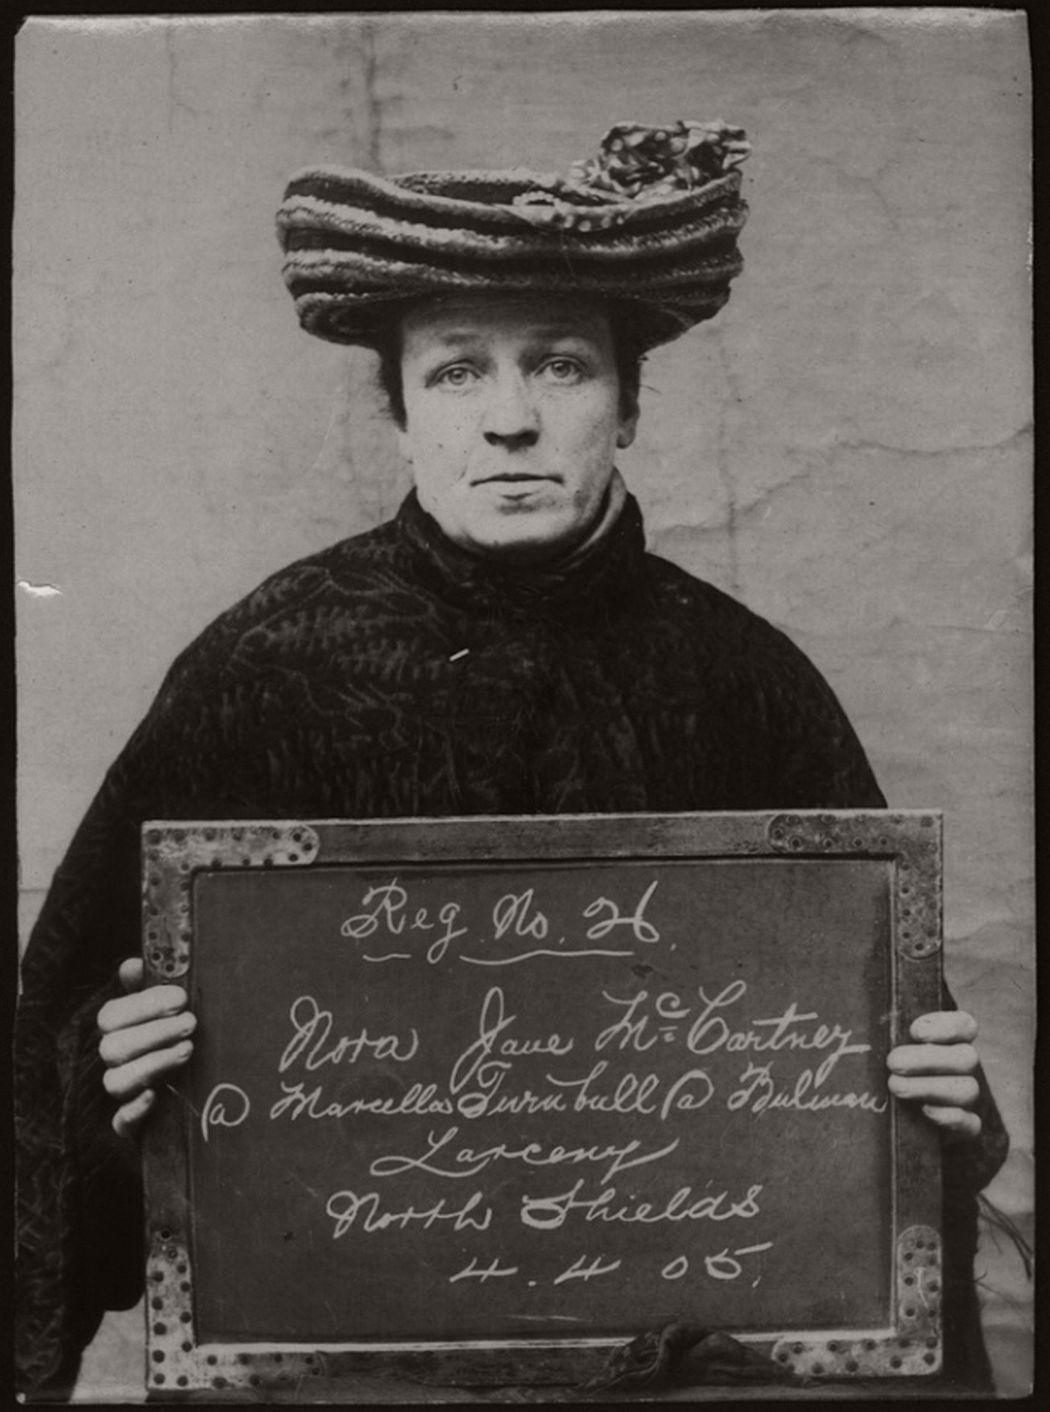 vintage-mug-shot-of-women-criminals-from-north-shields-1903-1905-04